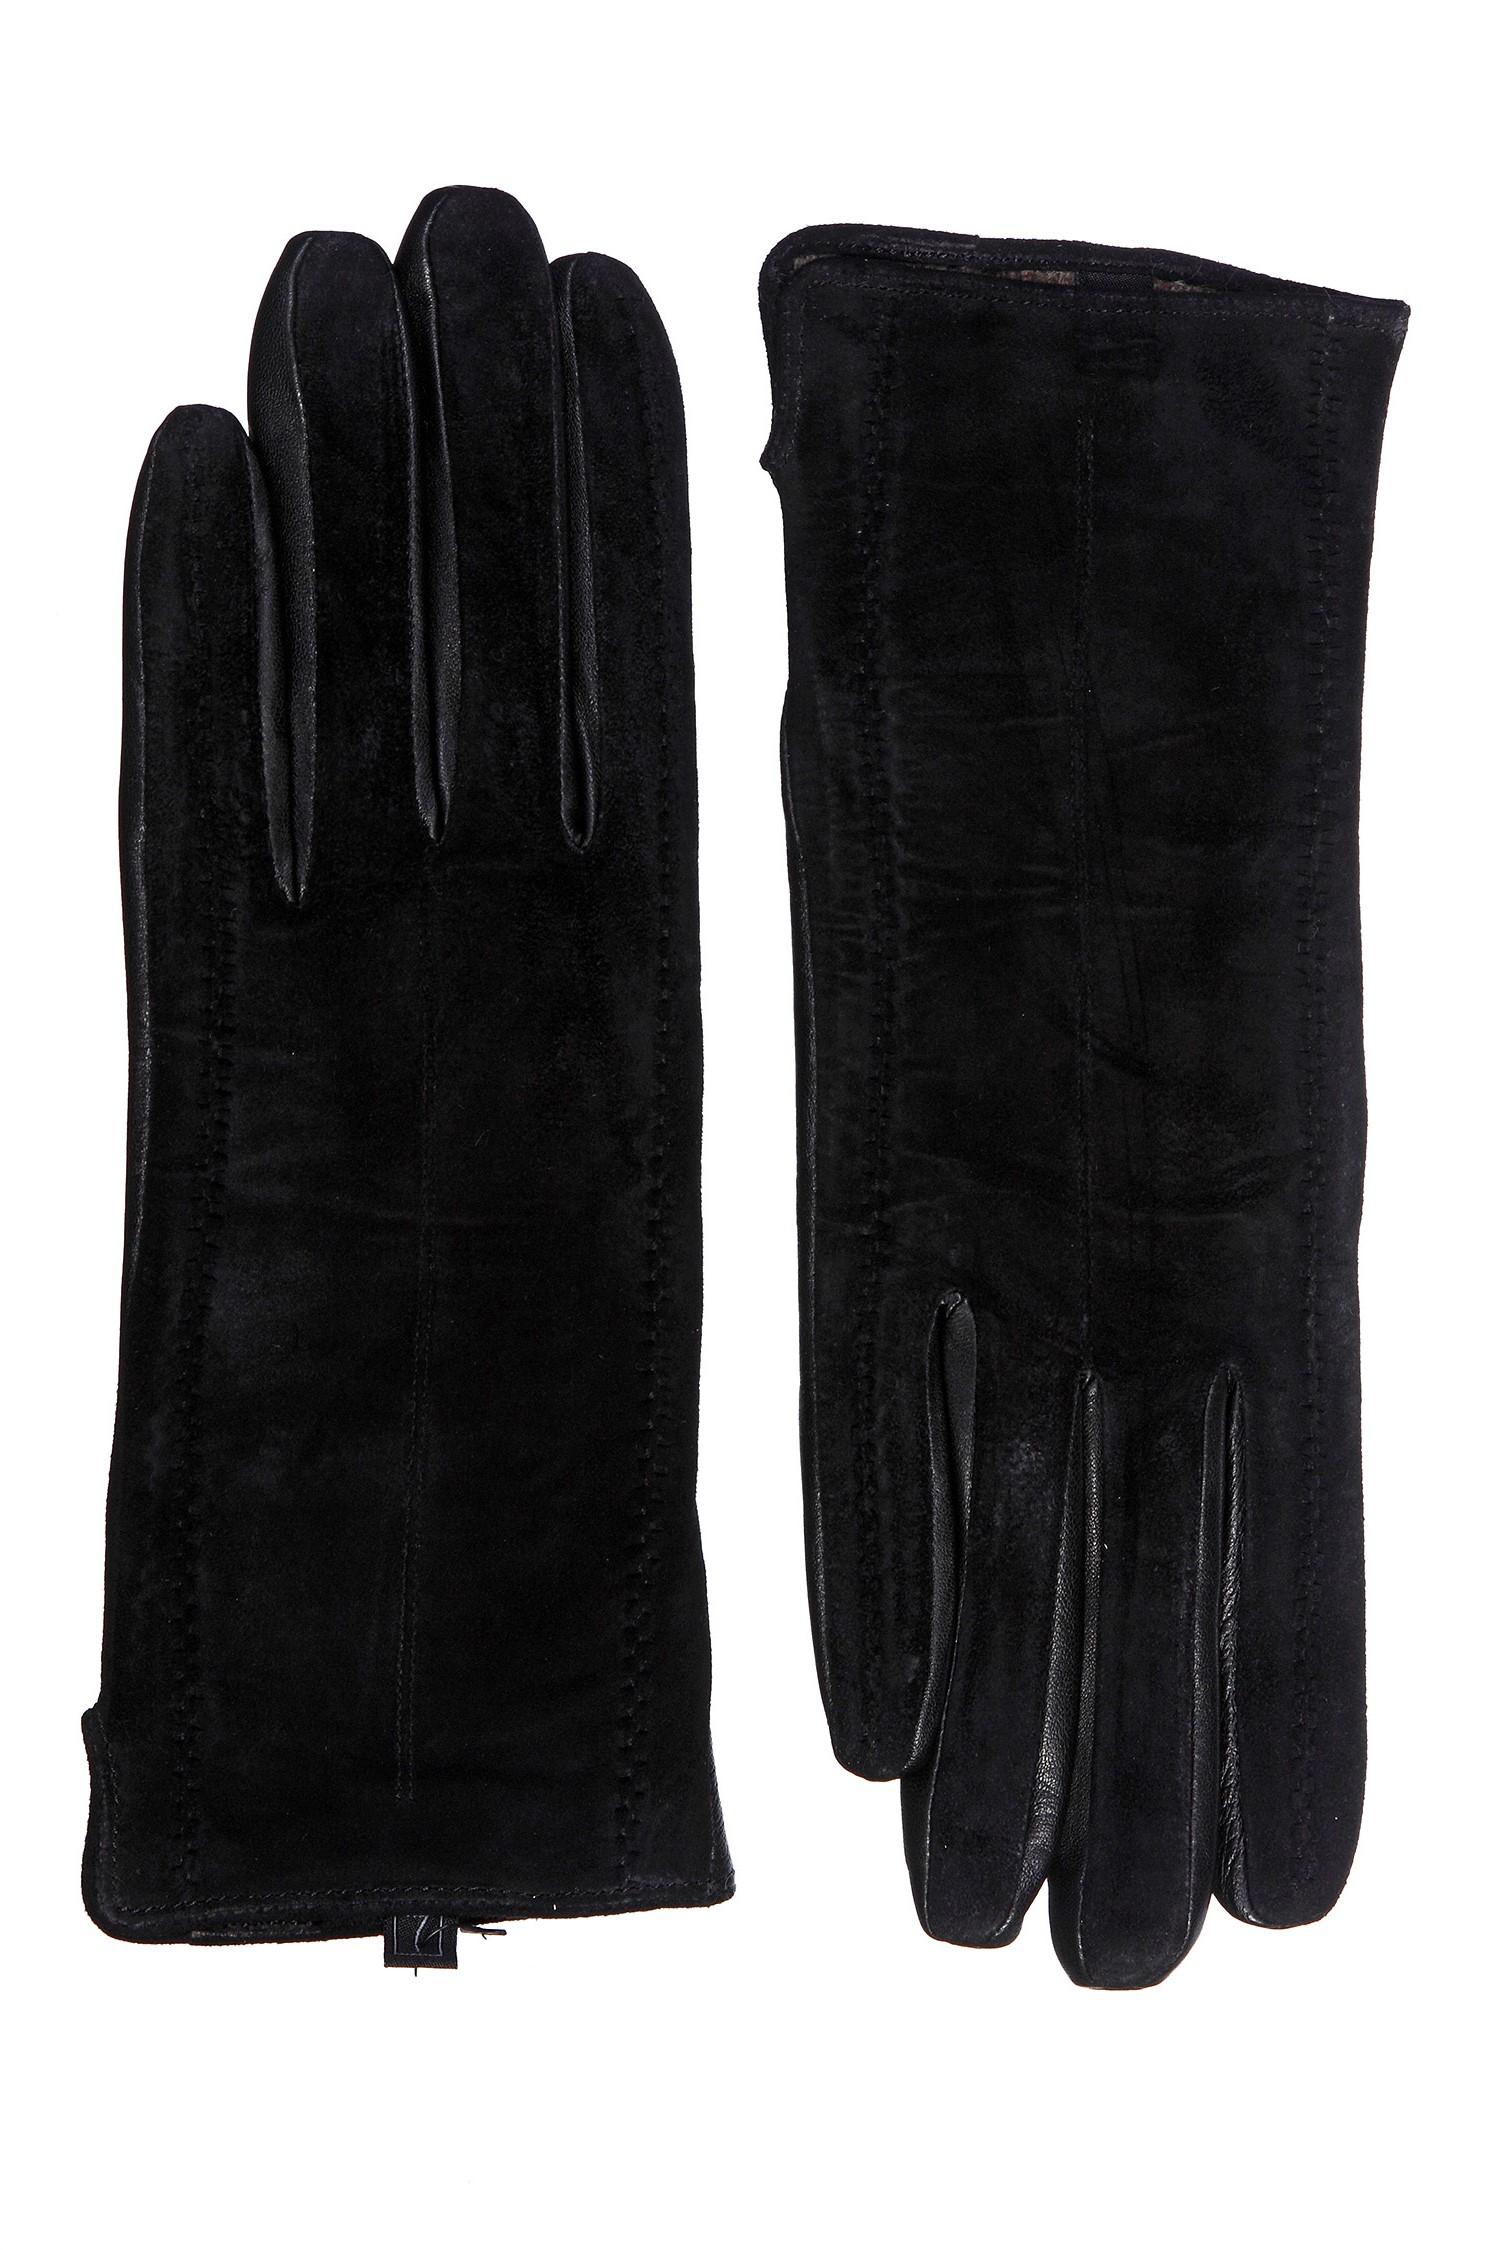 Купить со скидкой Перчатки женские из натуральной замши